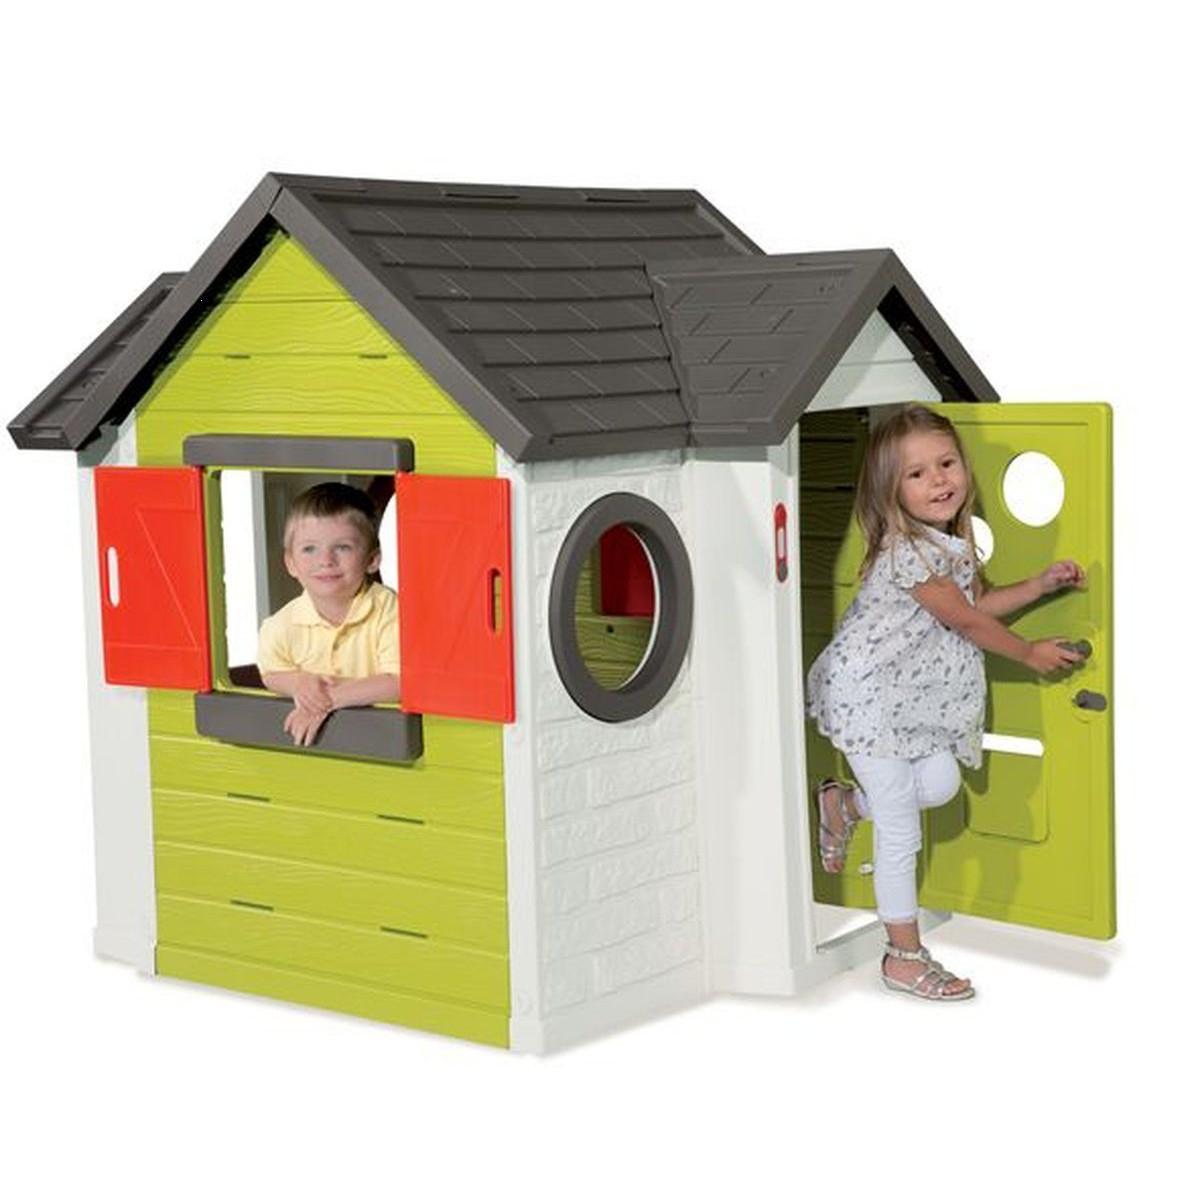 Cabane Enfant ⇒ Comparatif, Avis Et Meilleurs Modèles 2020 avec Maison De Jardin Pour Enfant